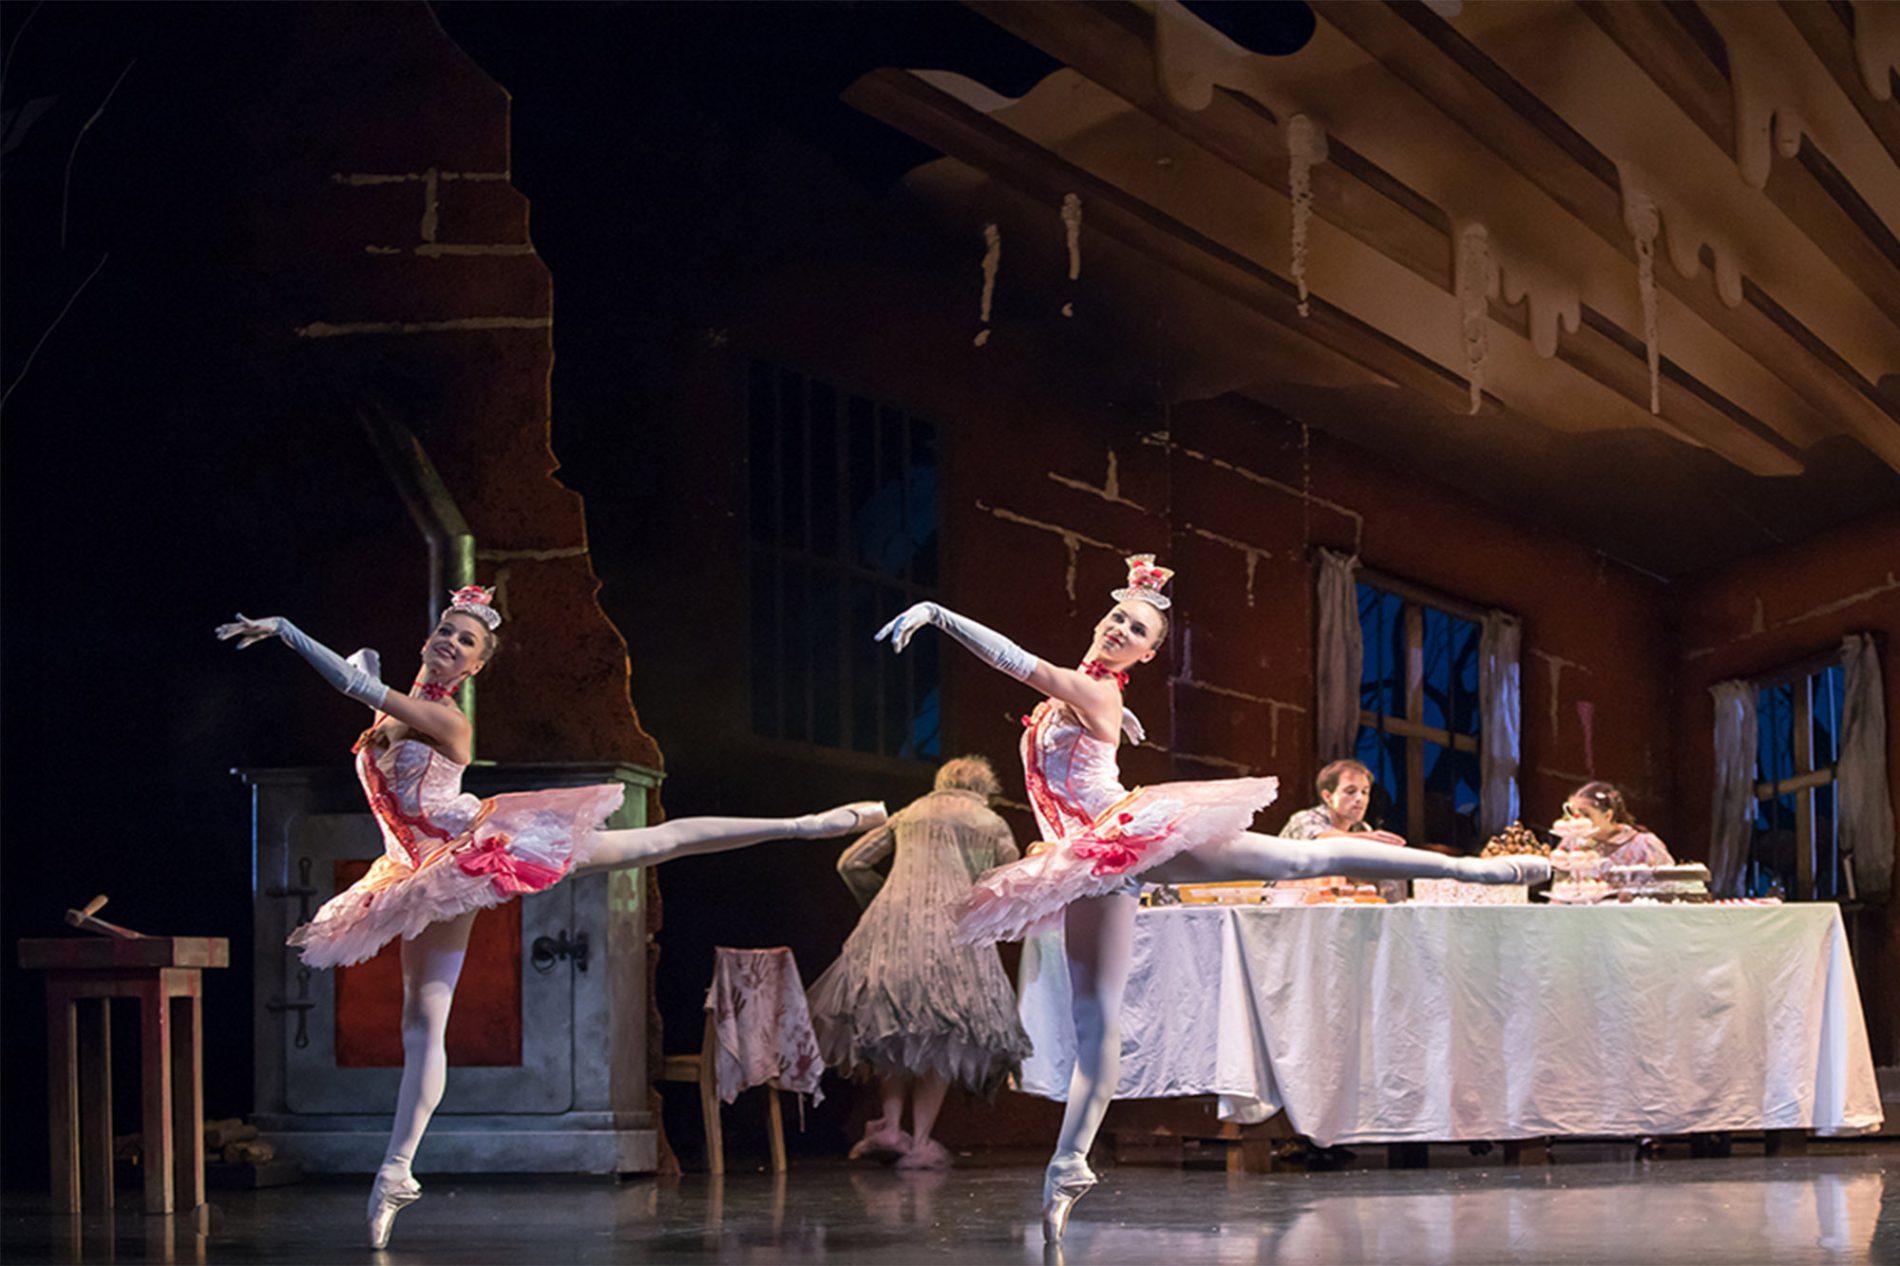 Ballet dancers at the Scottish Ballet